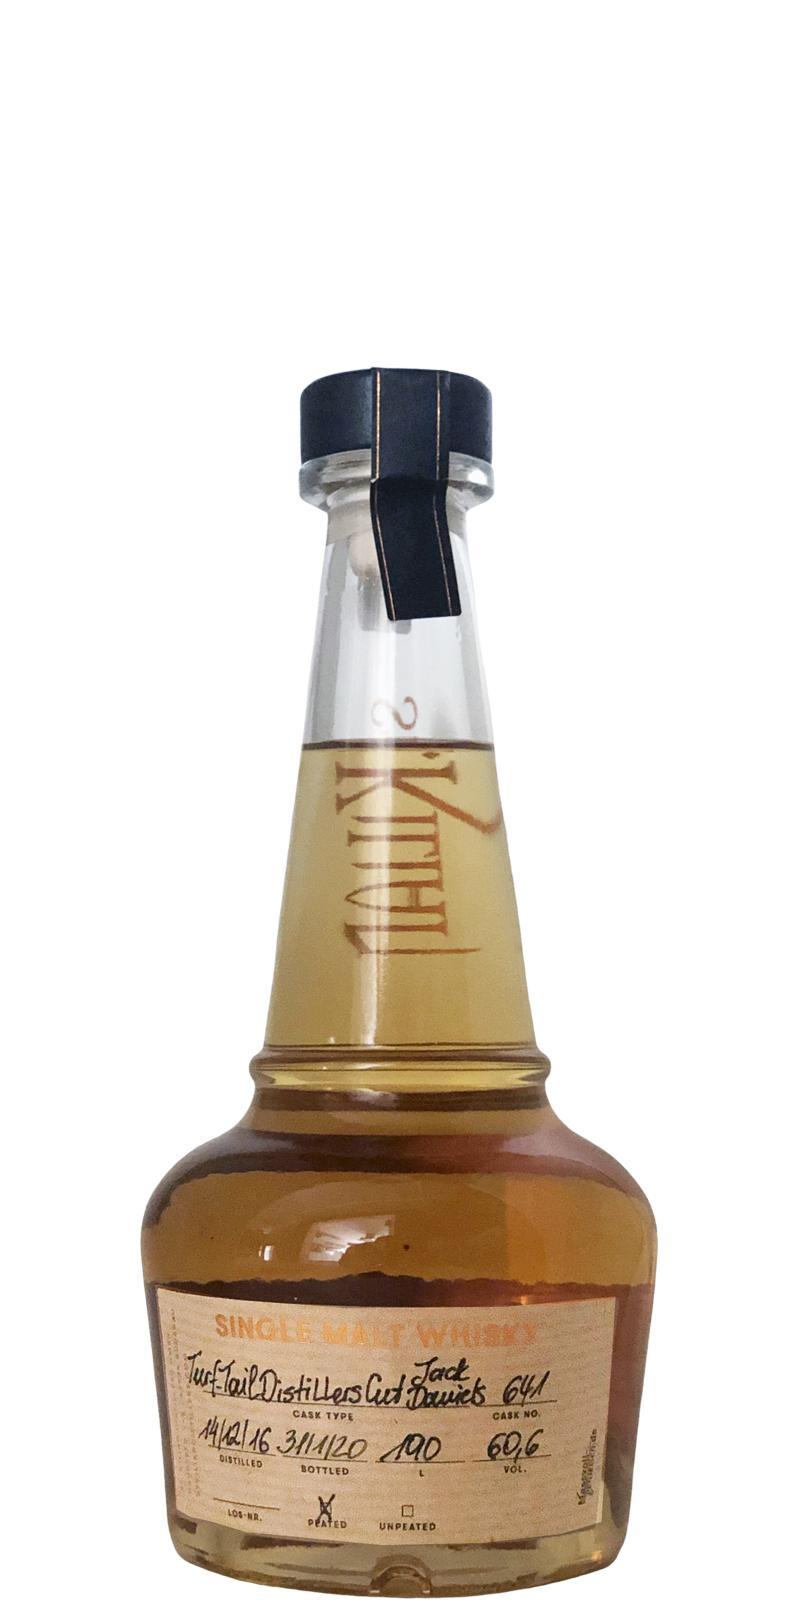 St. Kilian 2016 - Turf Tail Distillers Cut